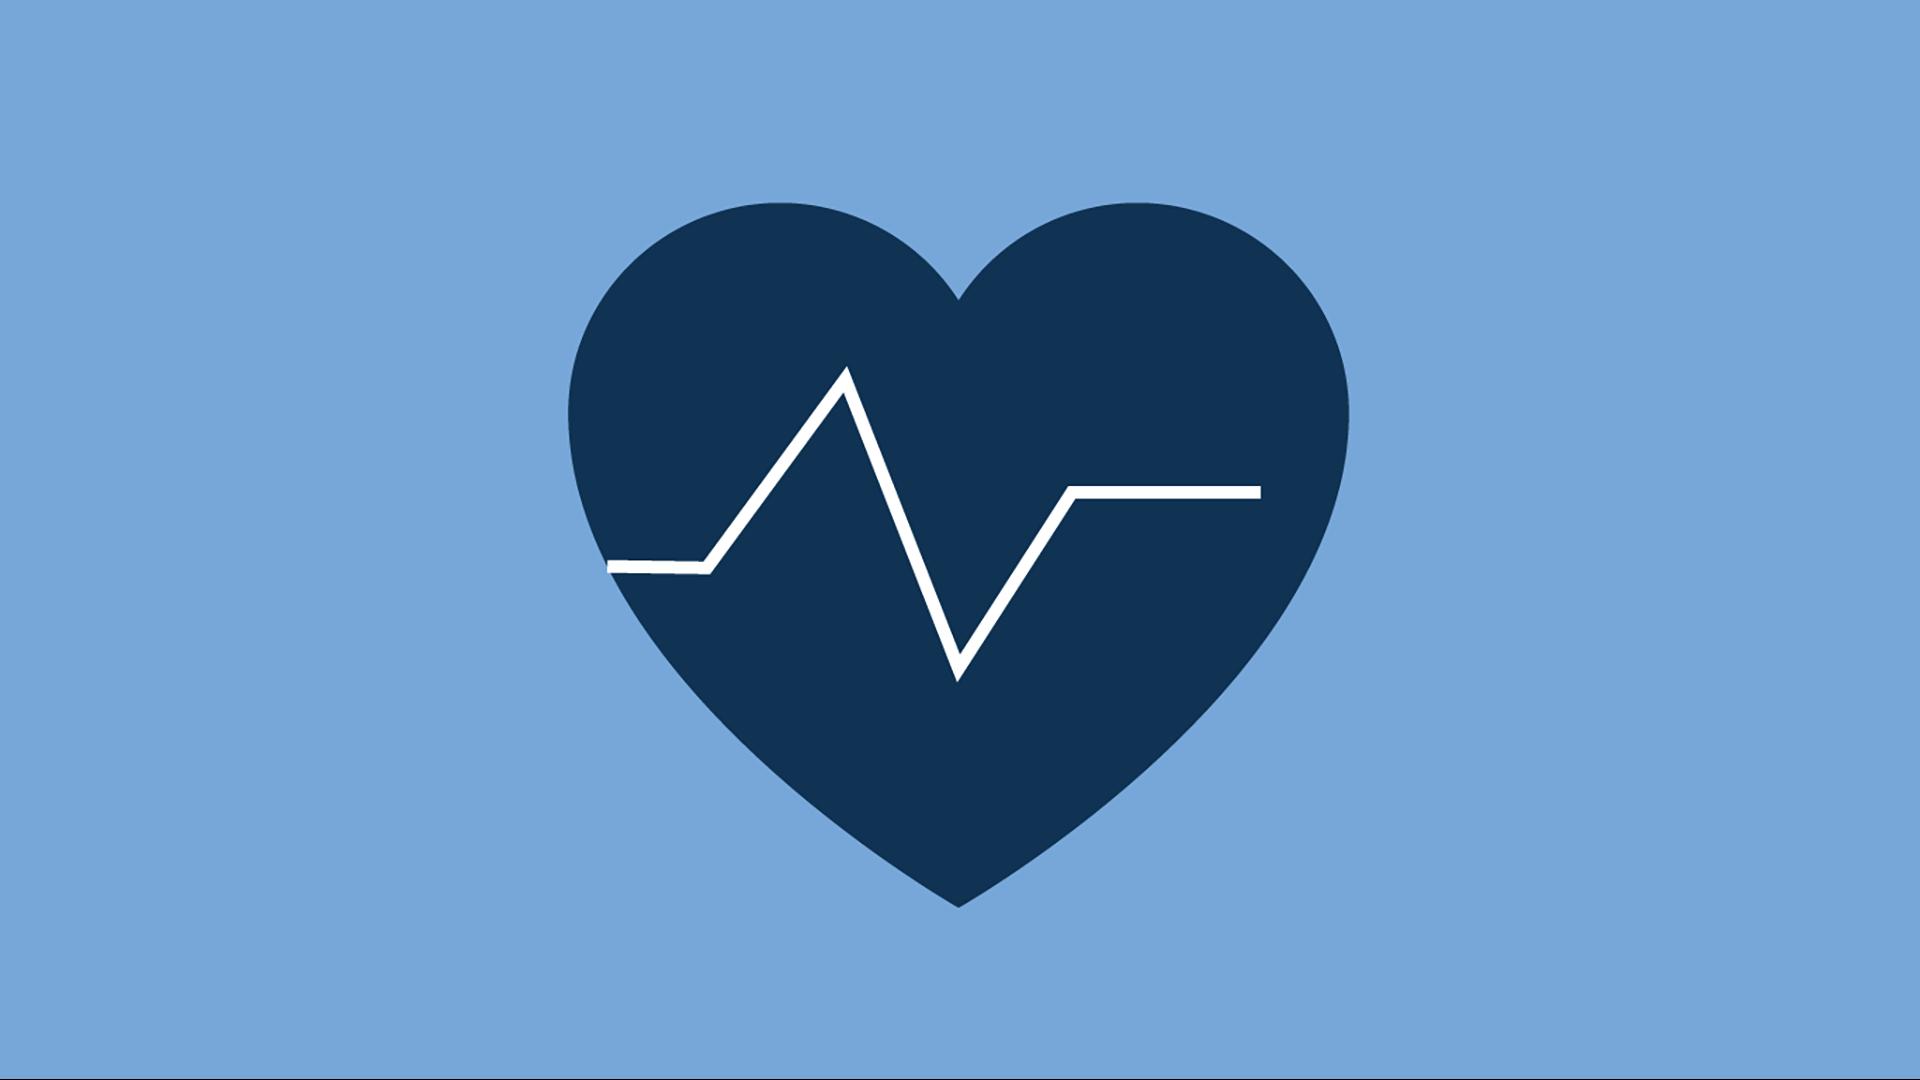 Đối với các nhà cung cấp chăm sóc sức khỏe